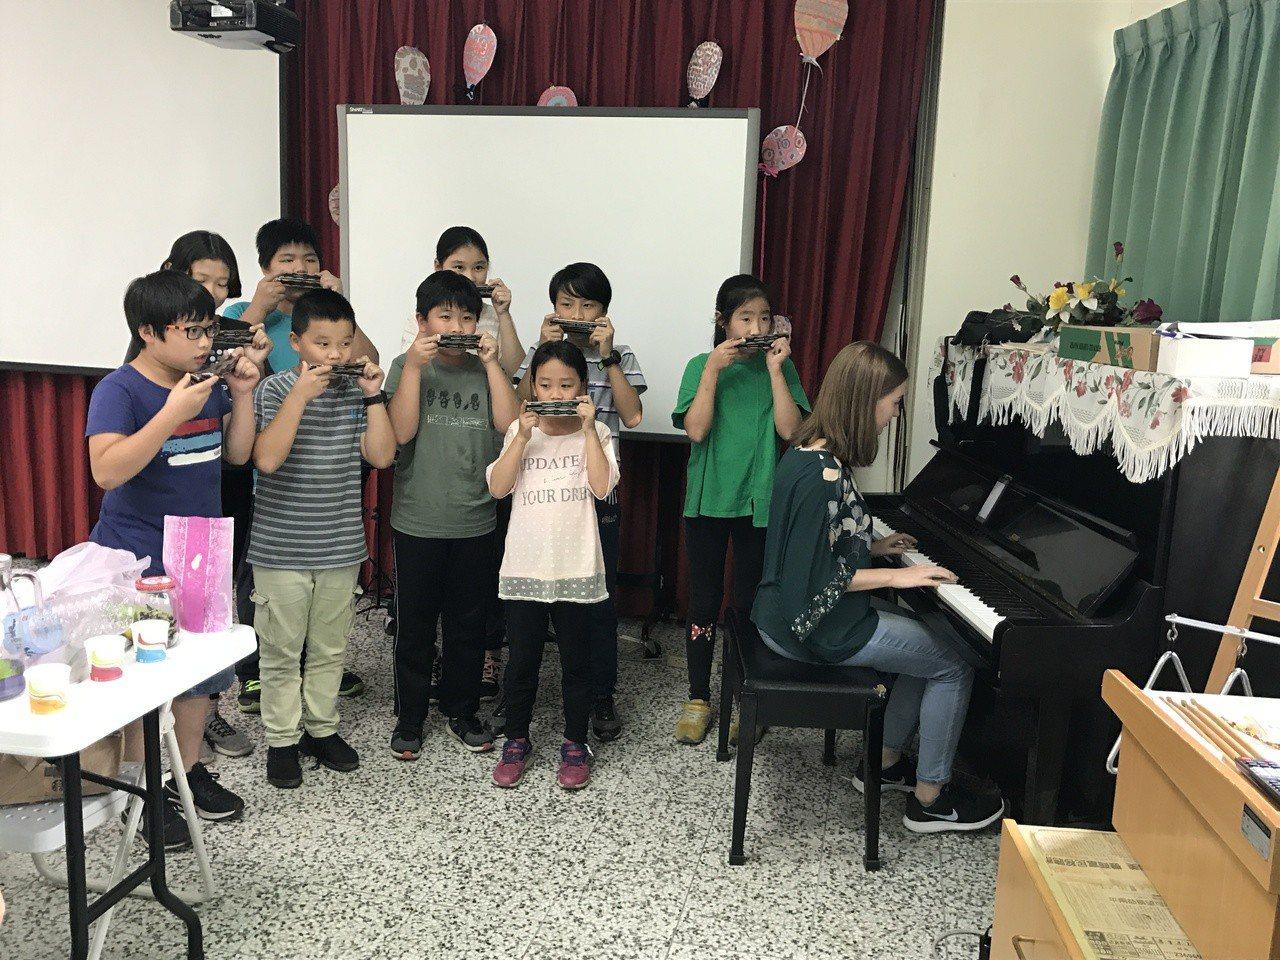 俄羅斯大學生翁蔡文(右1)彈鋼琴,長福國小學生則吹口琴,雙方合奏俄羅斯民謠。圖/...